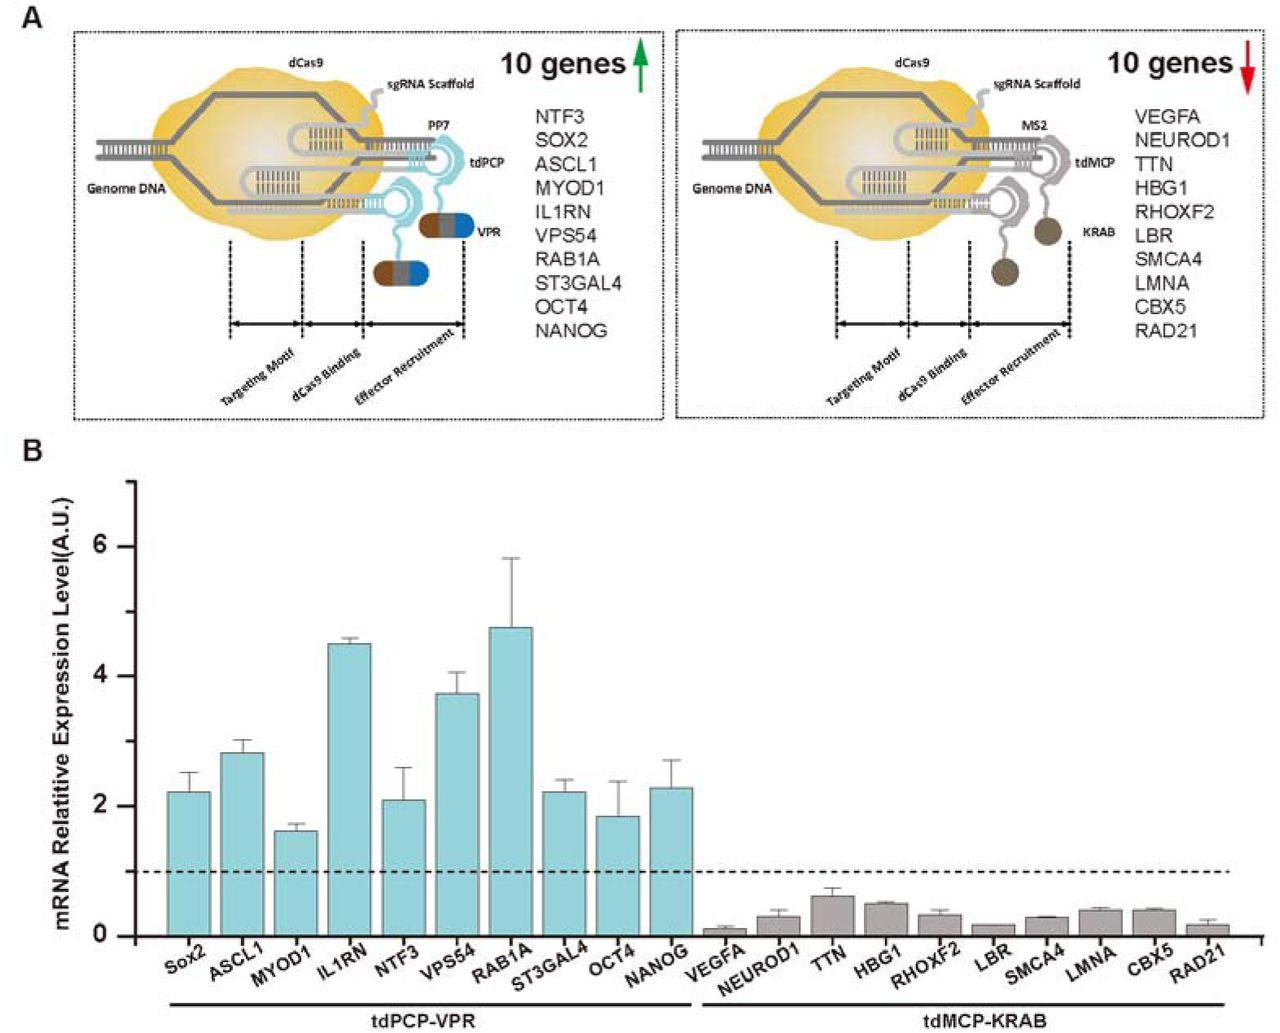 Multiplexed sgRNA Expression Allows Versatile Single Non